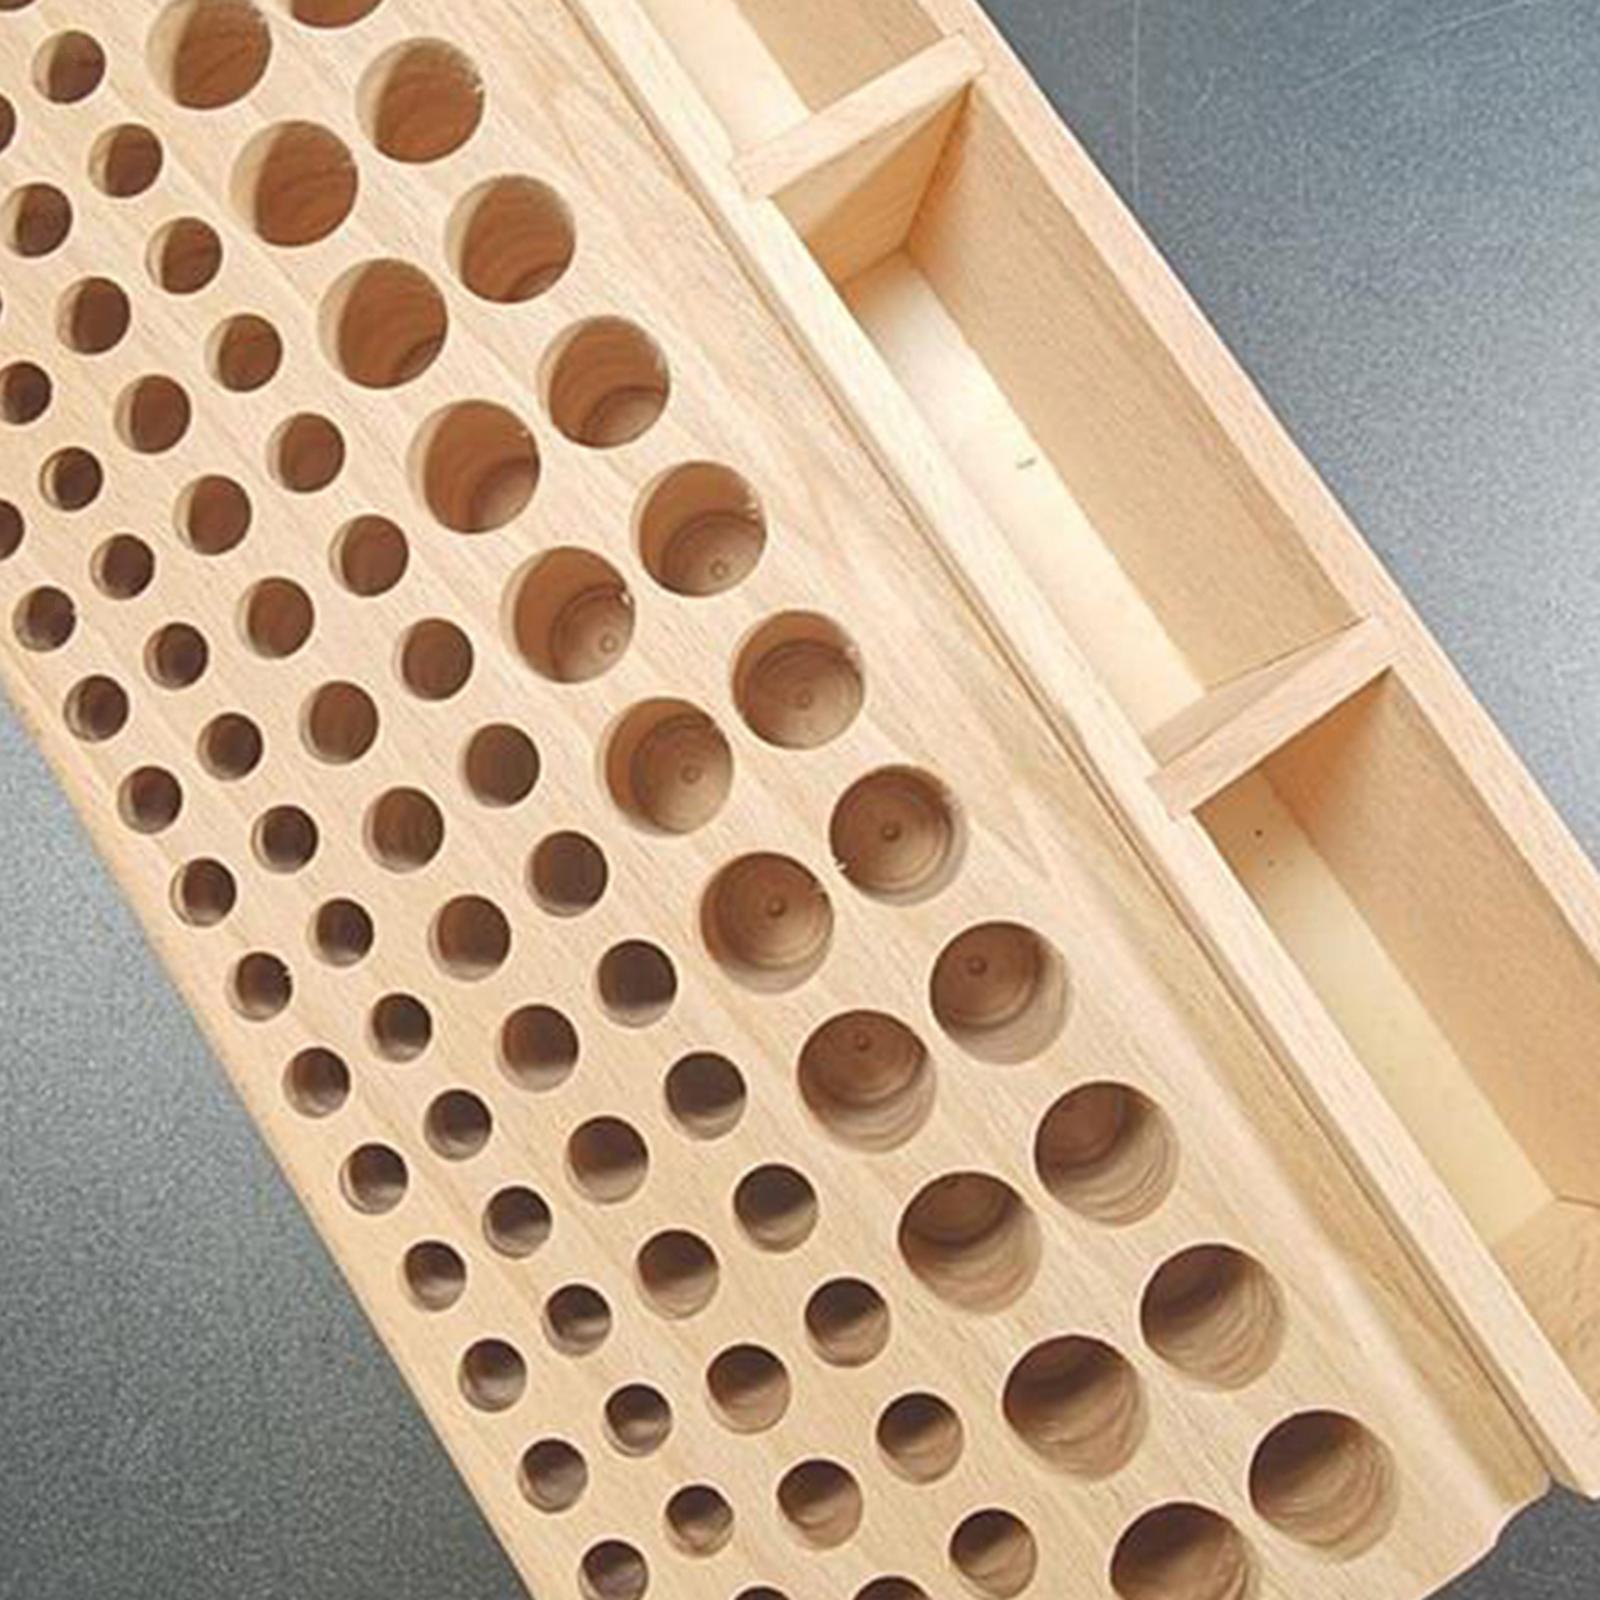 Indexbild 6 - Holz-Leder-Punch-Handwerk-Werkzeug-Rack-46-98-Loecher-Leathercraft-Stehen-Halter